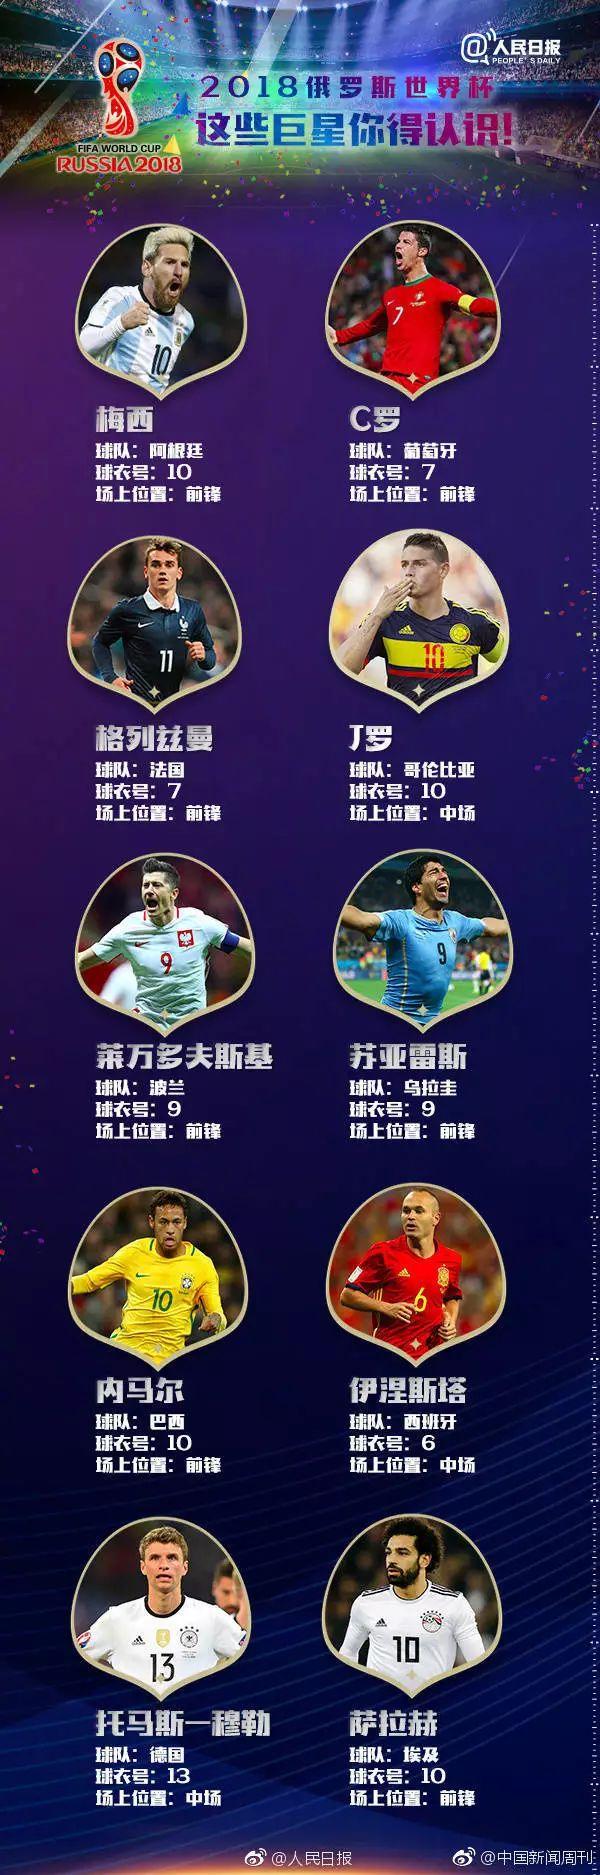 2018世界杯最全观赛指南